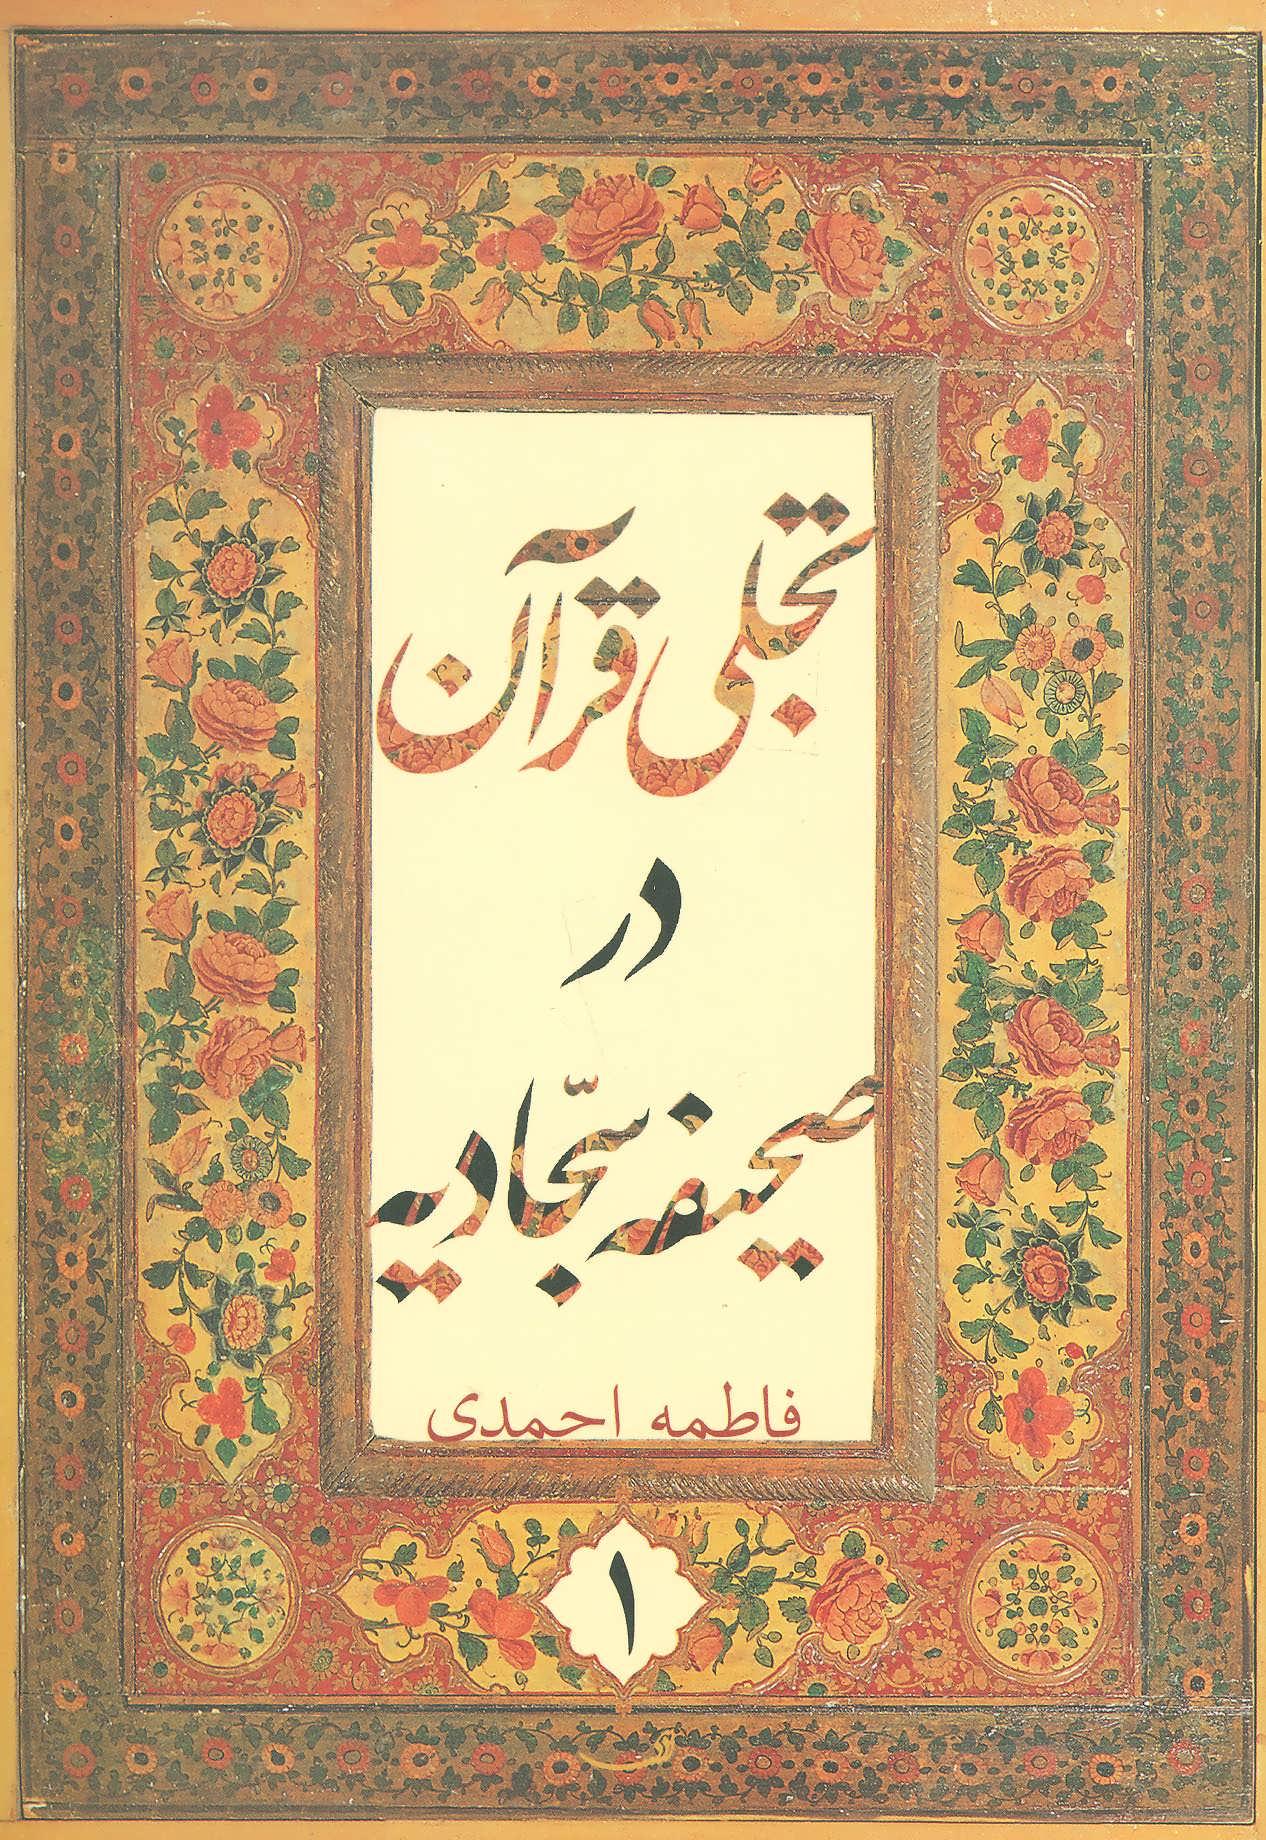 کتاب تجلی قرآن در صحیفهٔ سجادیه